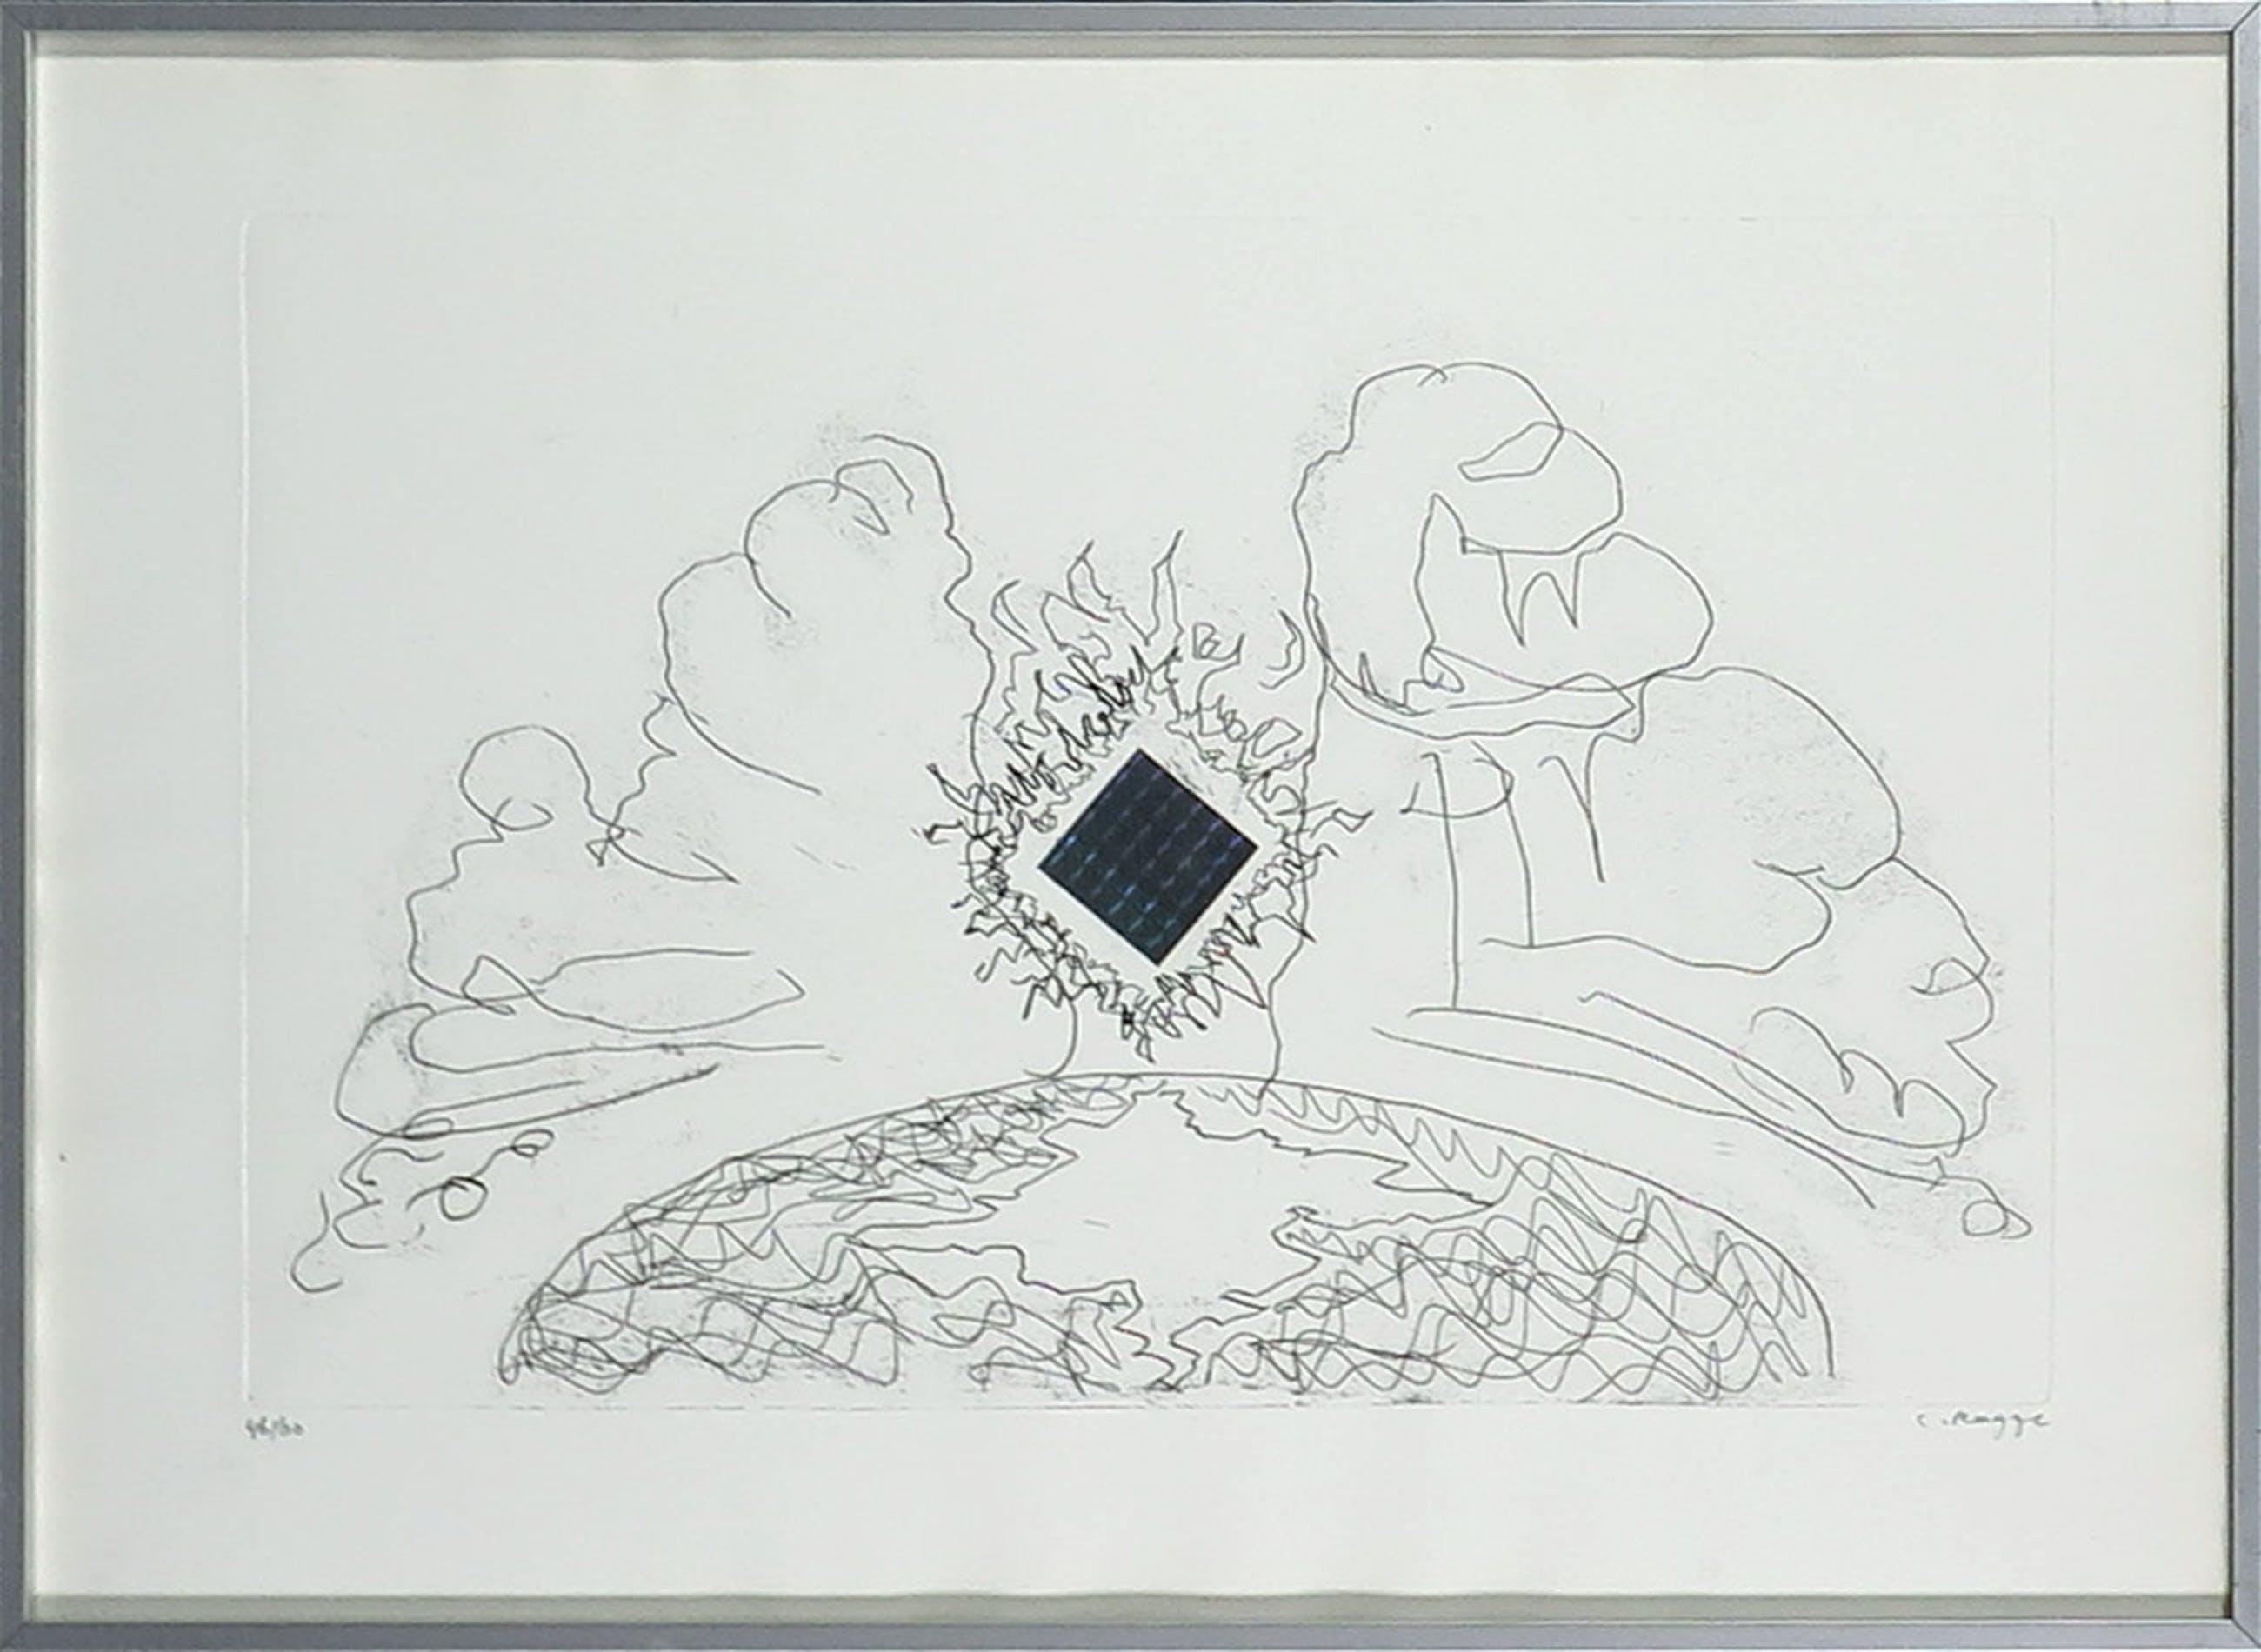 Cornelius Rogge - Ets en collage, Zonder titel - Ingelijst kopen? Bied vanaf 20!